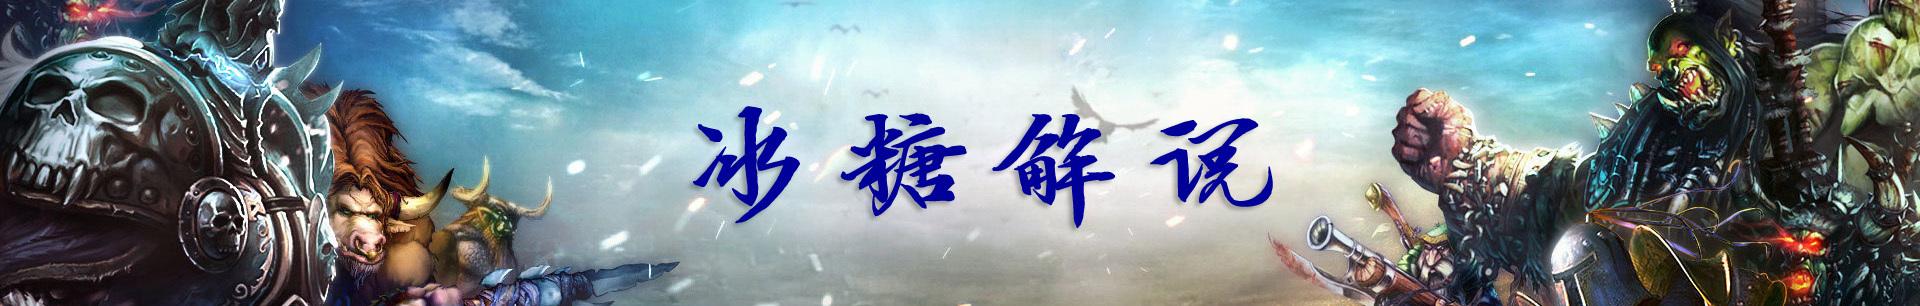 冰糖解说 banner